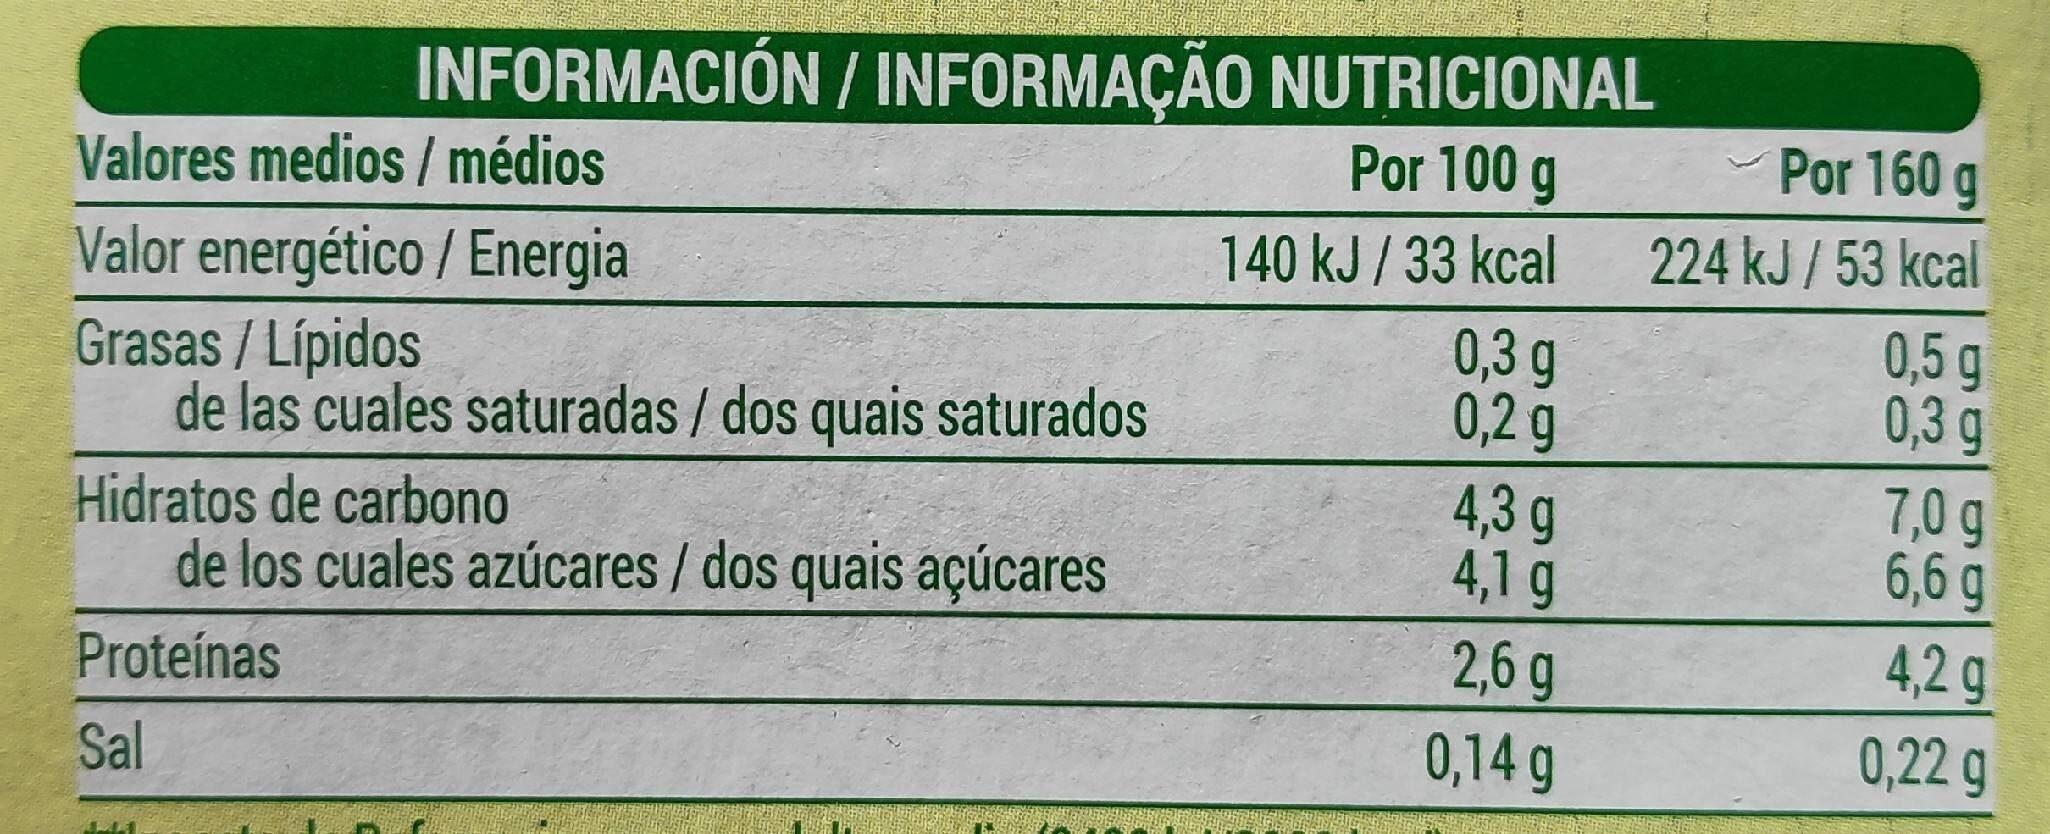 Bifidus con lima - limon 0% - Información nutricional - es